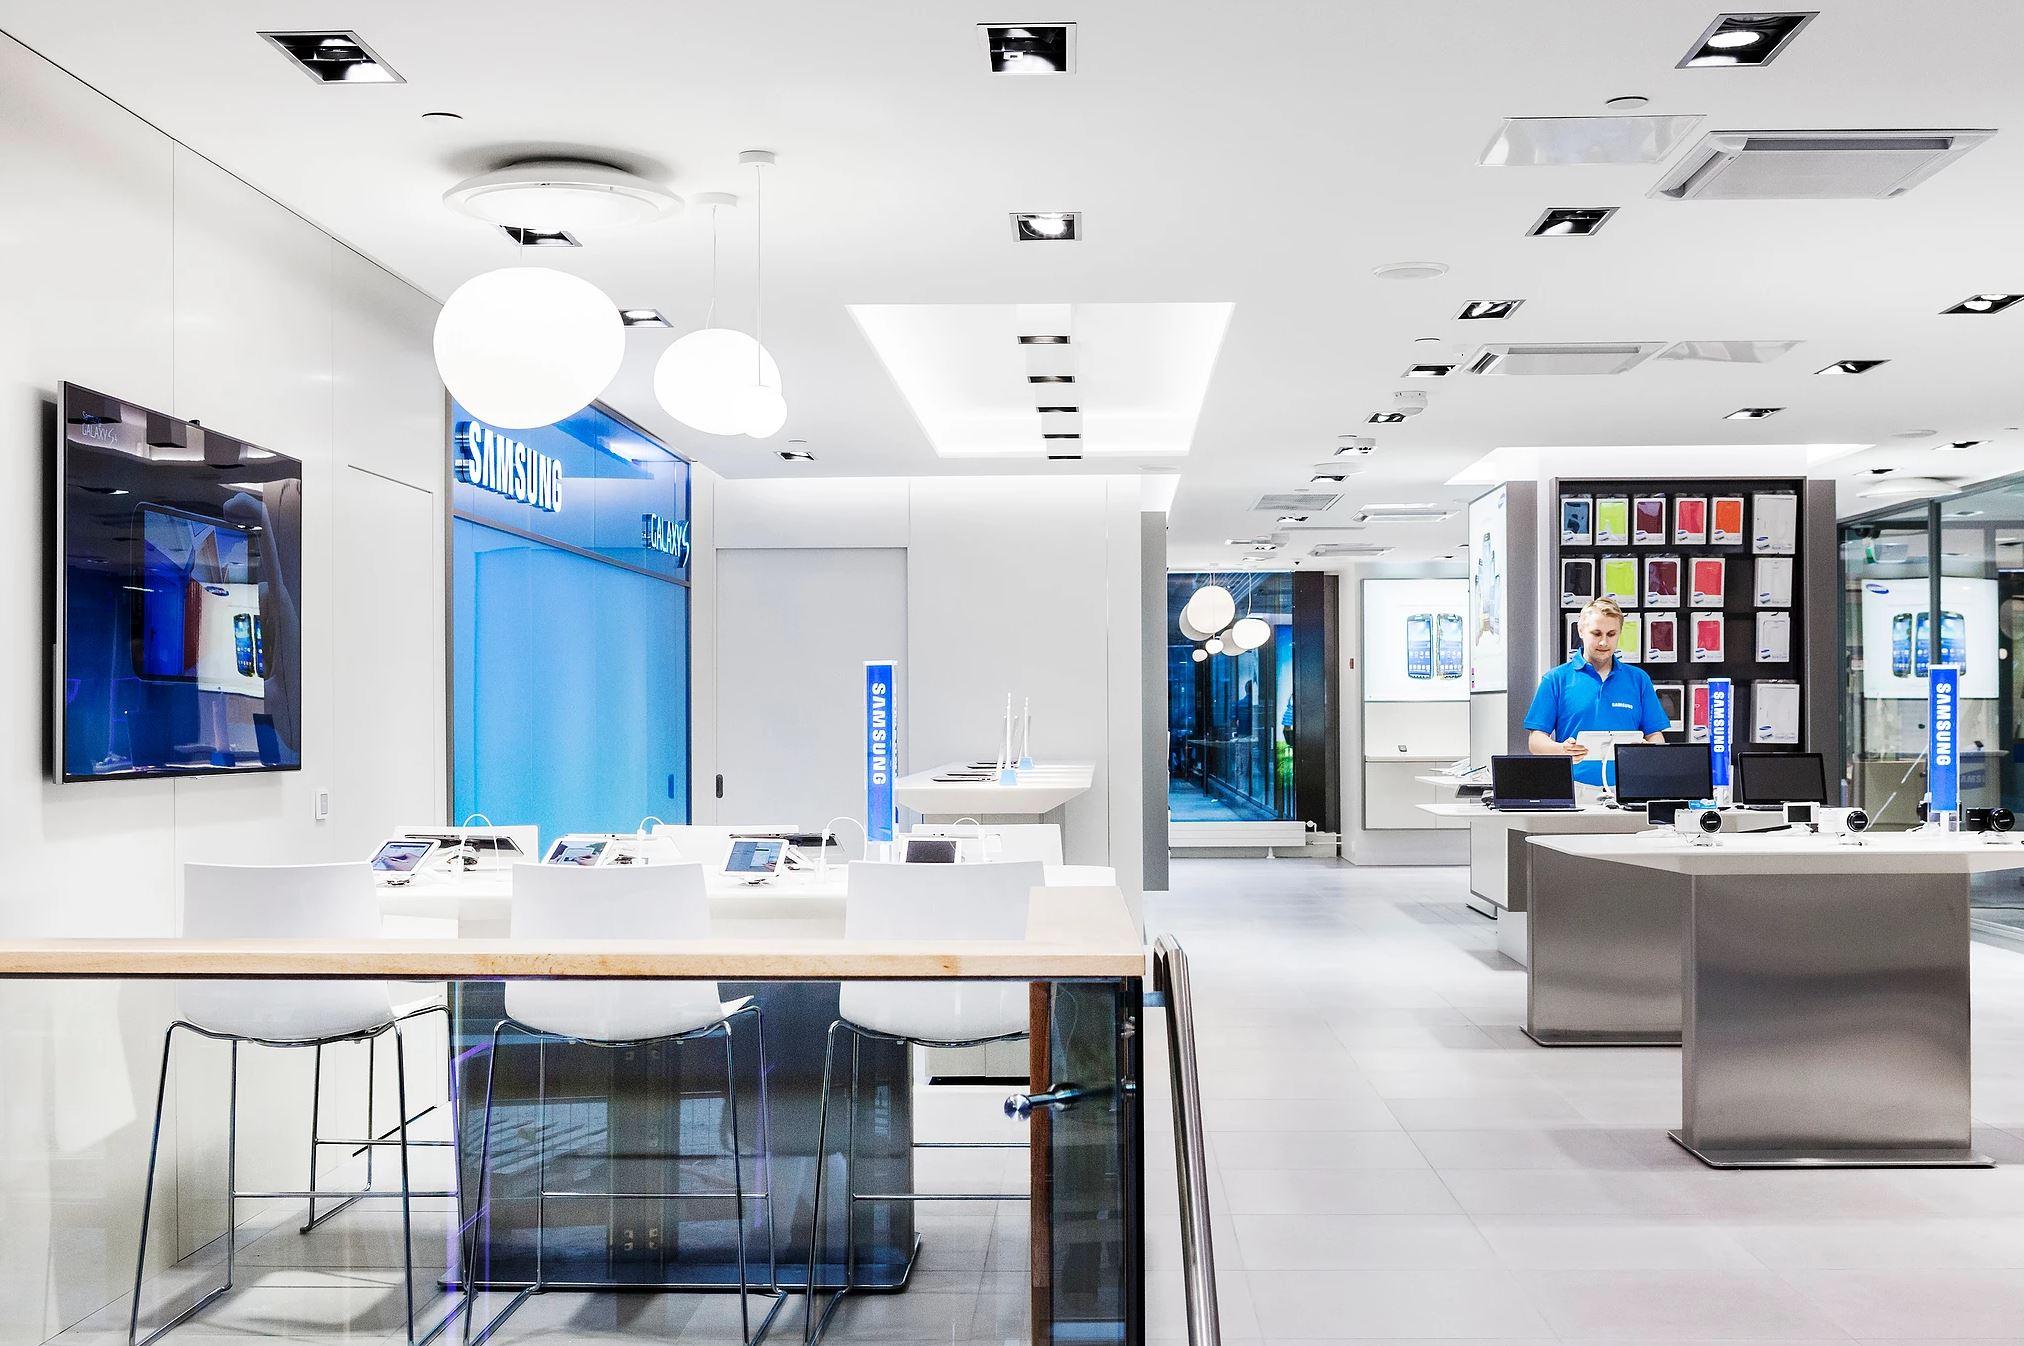 Samsung - Flagship Store Adaptations